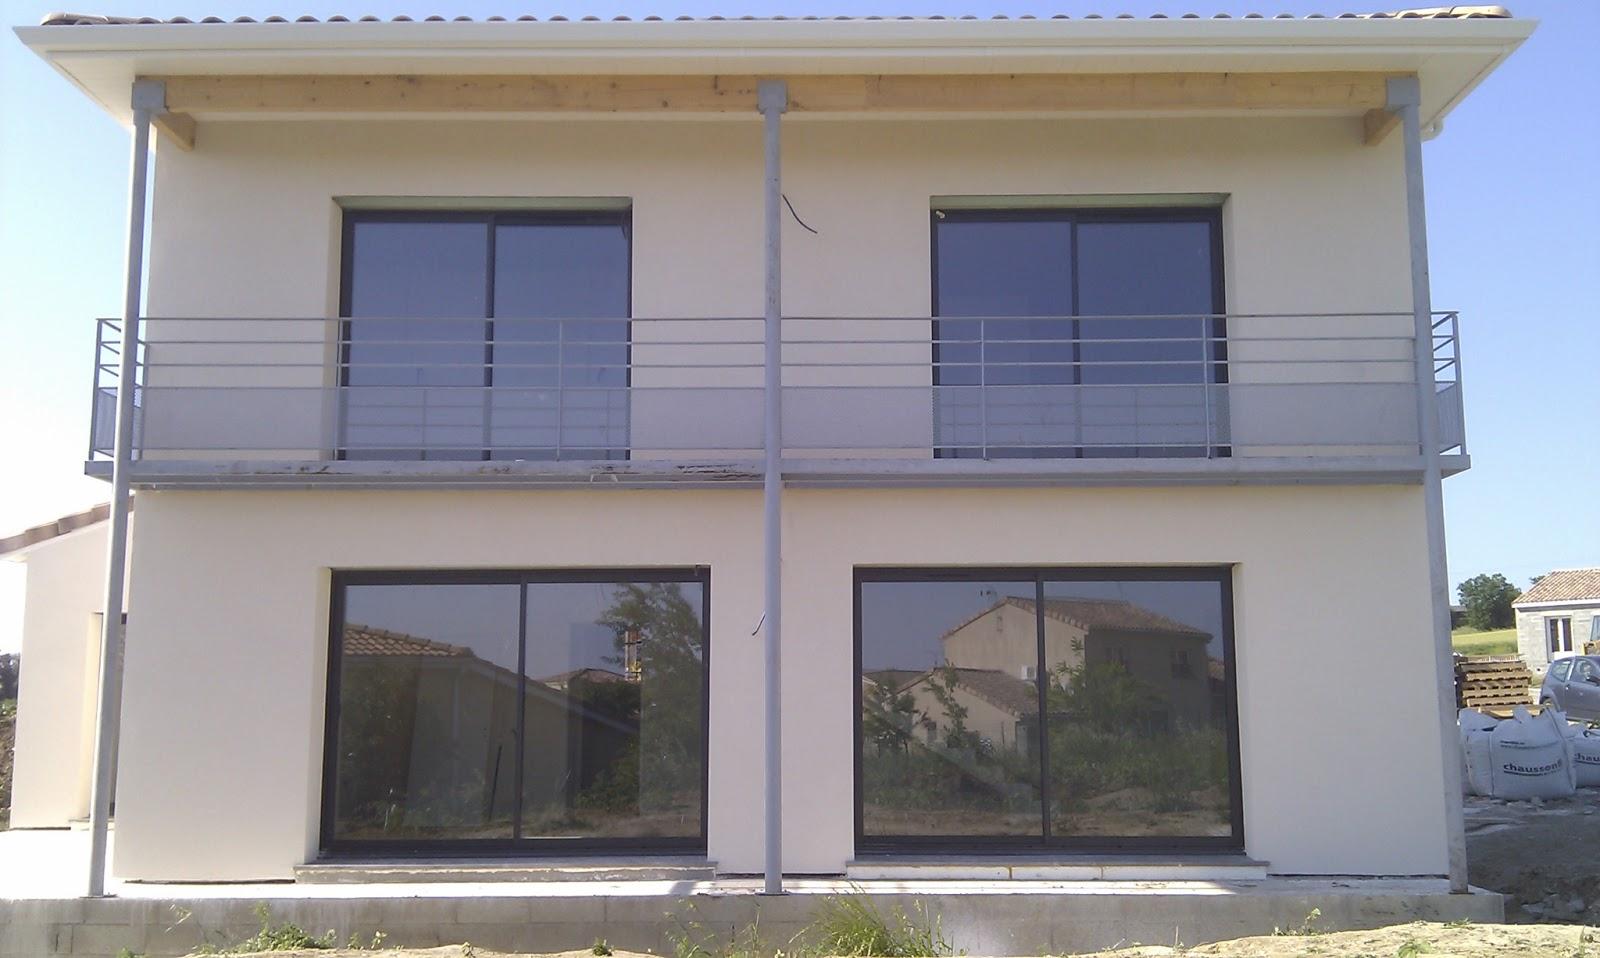 facade de maison moderne avec balcon id e inspirante pour la conception de la maison. Black Bedroom Furniture Sets. Home Design Ideas